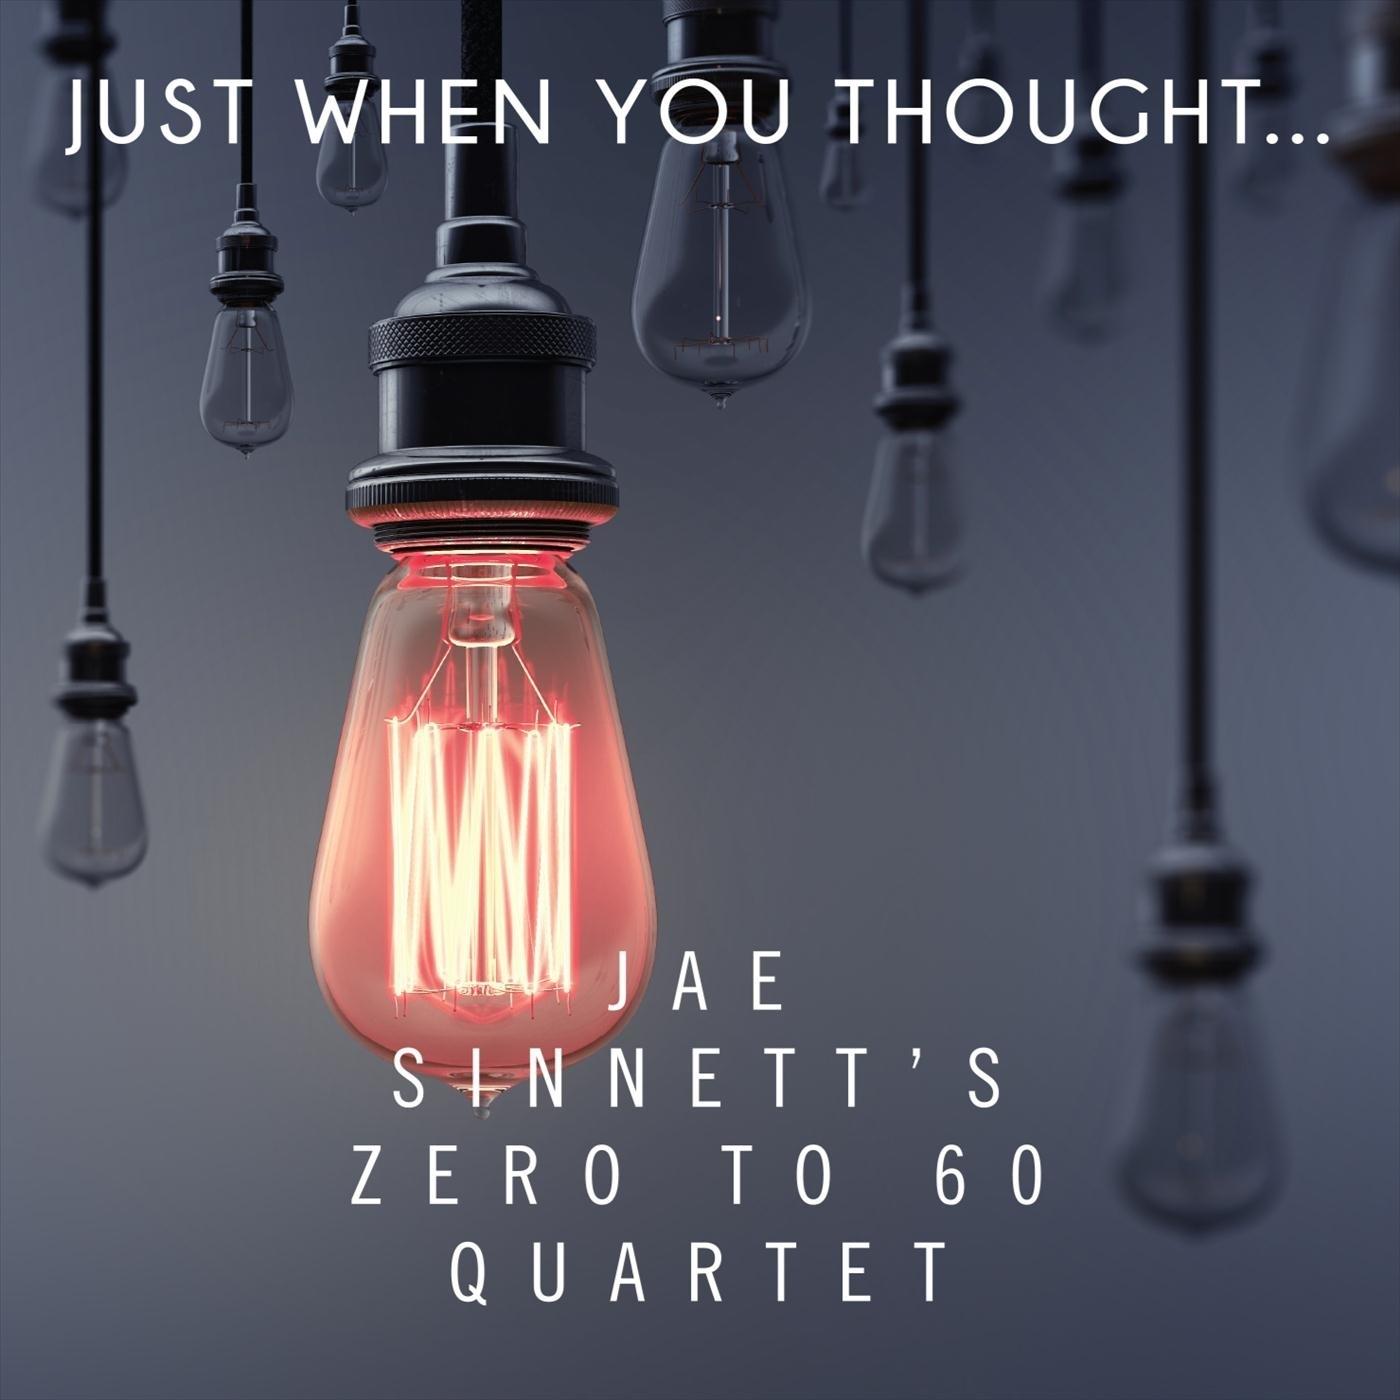 JAE SINNETT - Jae Sinnett's Zero to 60 Quartet : Just When You Thought cover